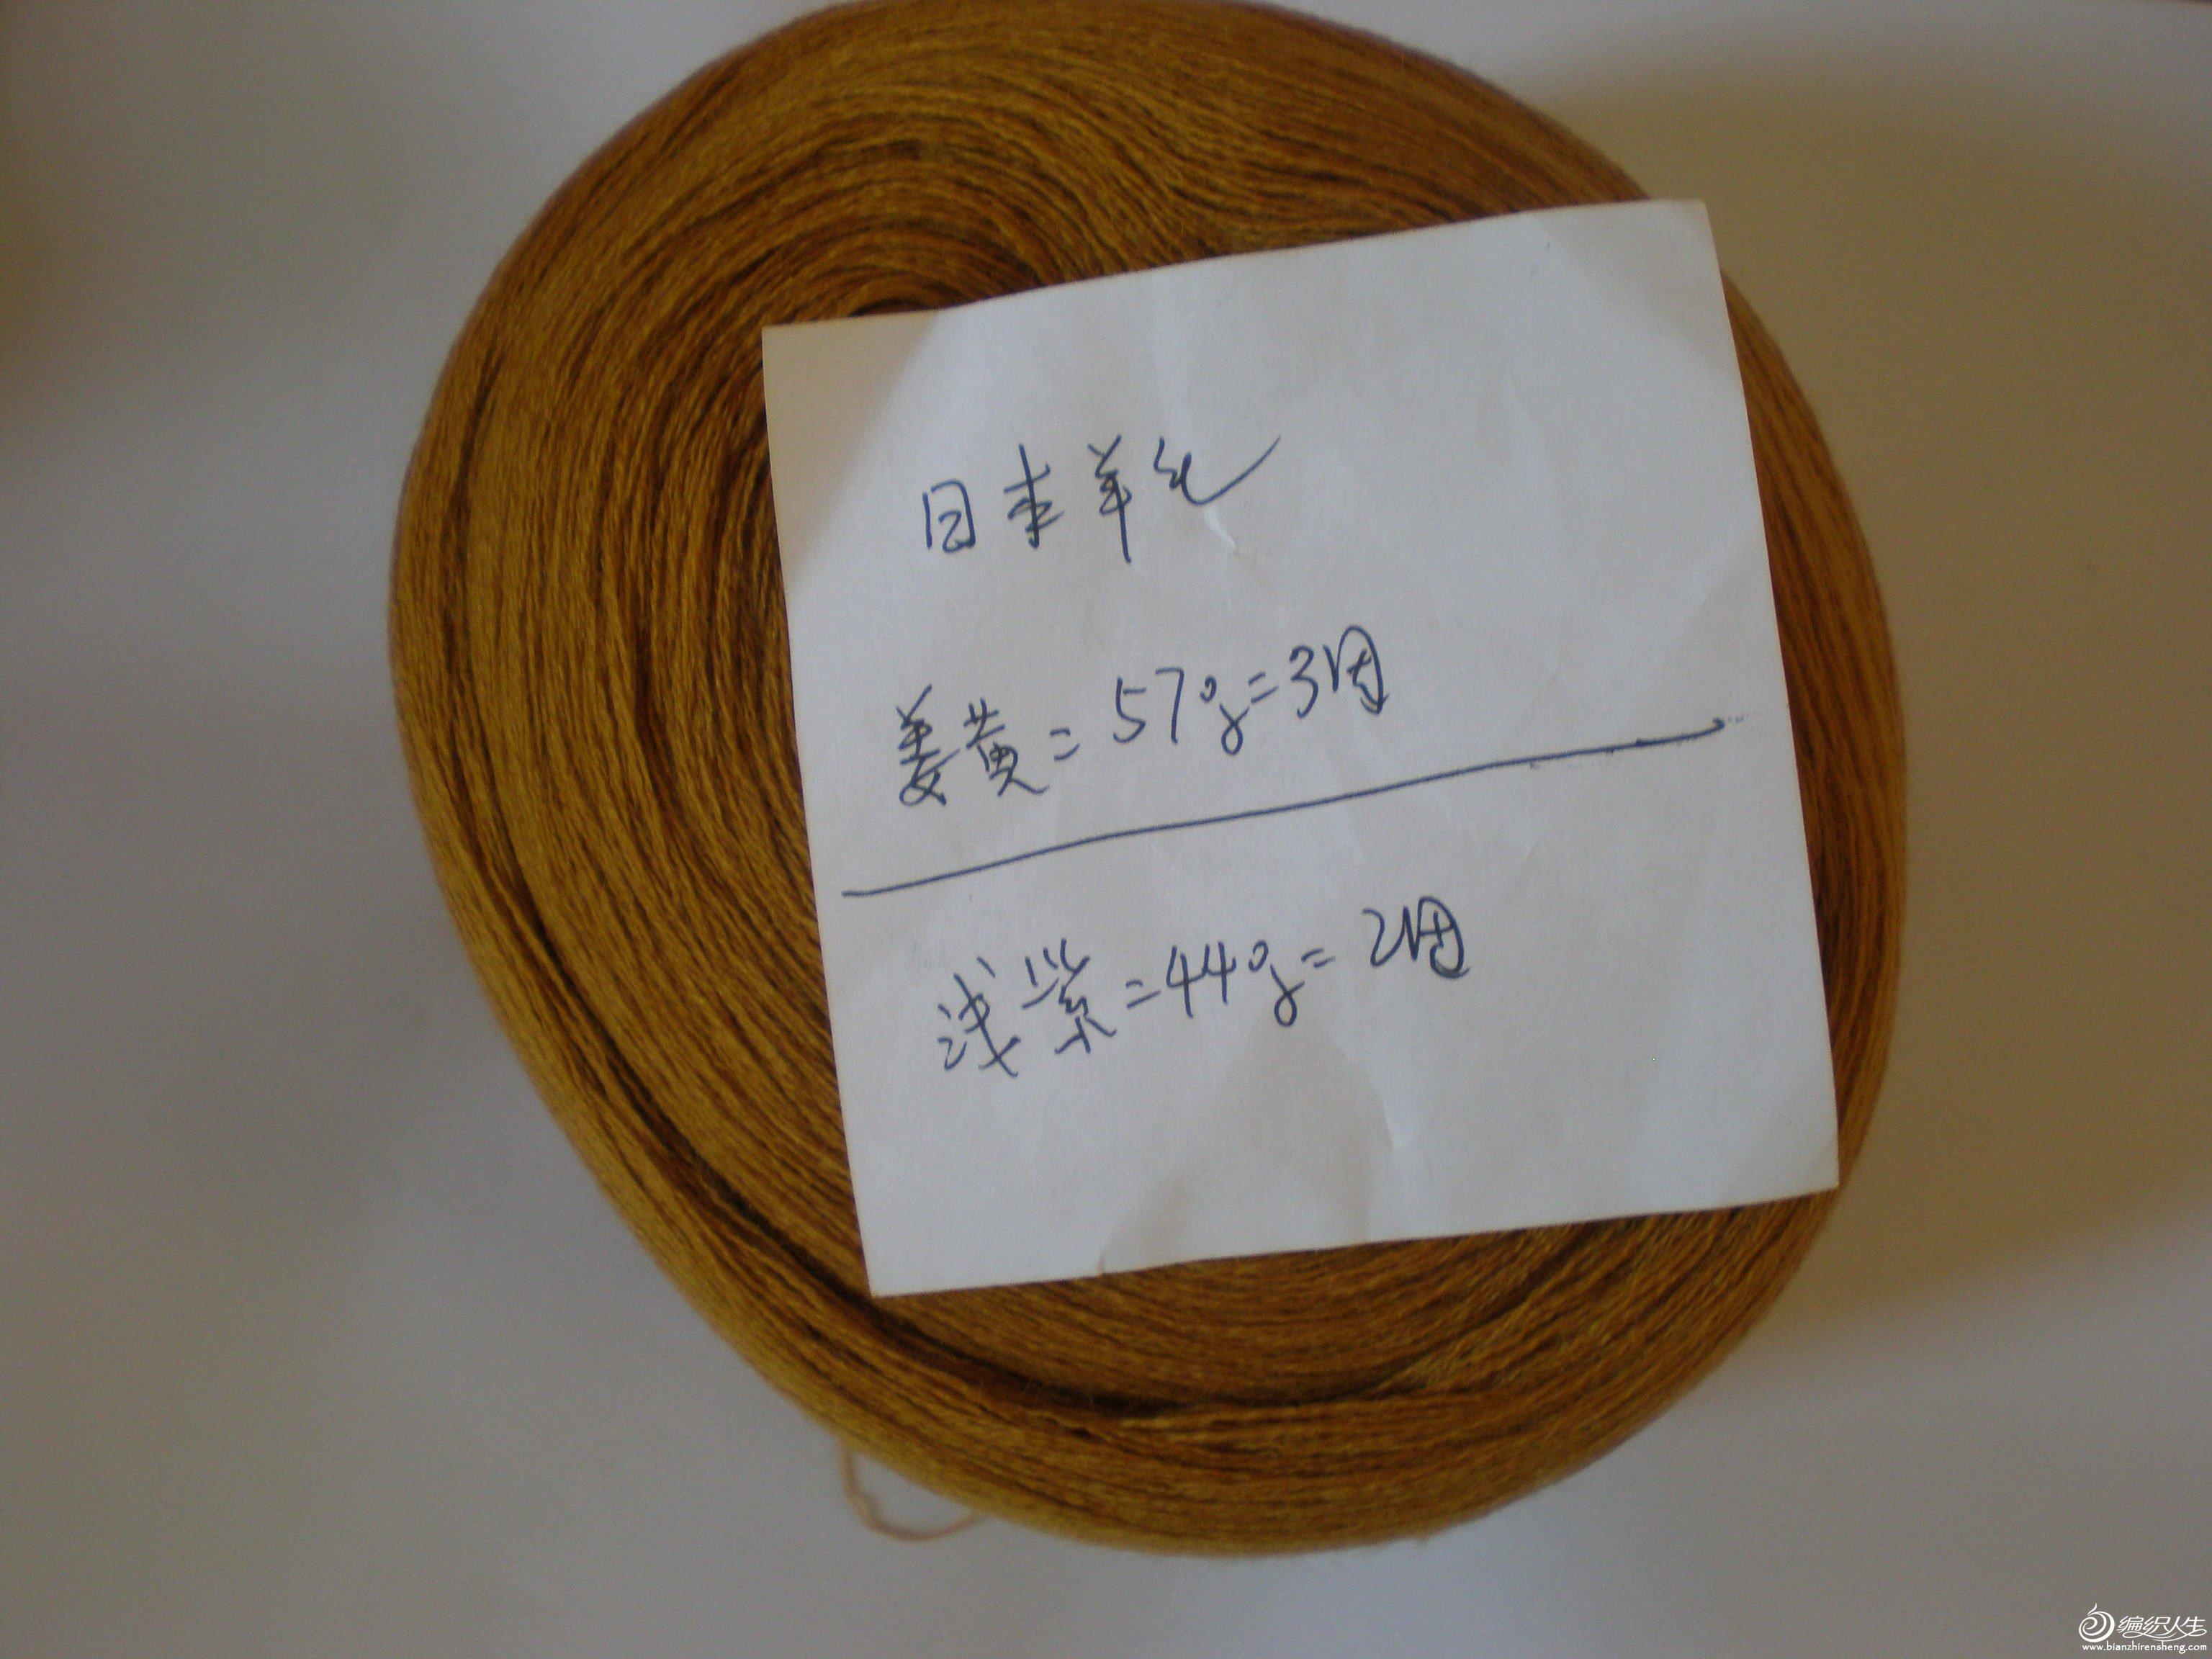 日本羊毛姜黄色.JPG